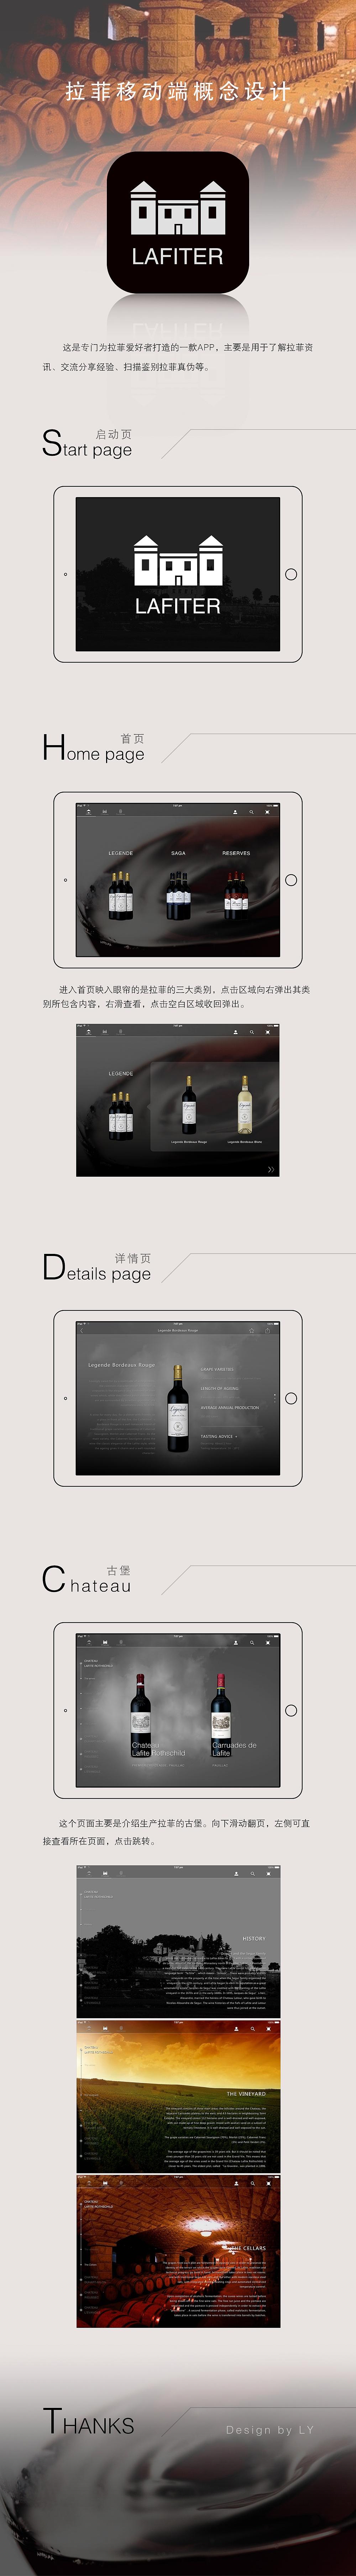 拉菲app(ipad端)概念设计